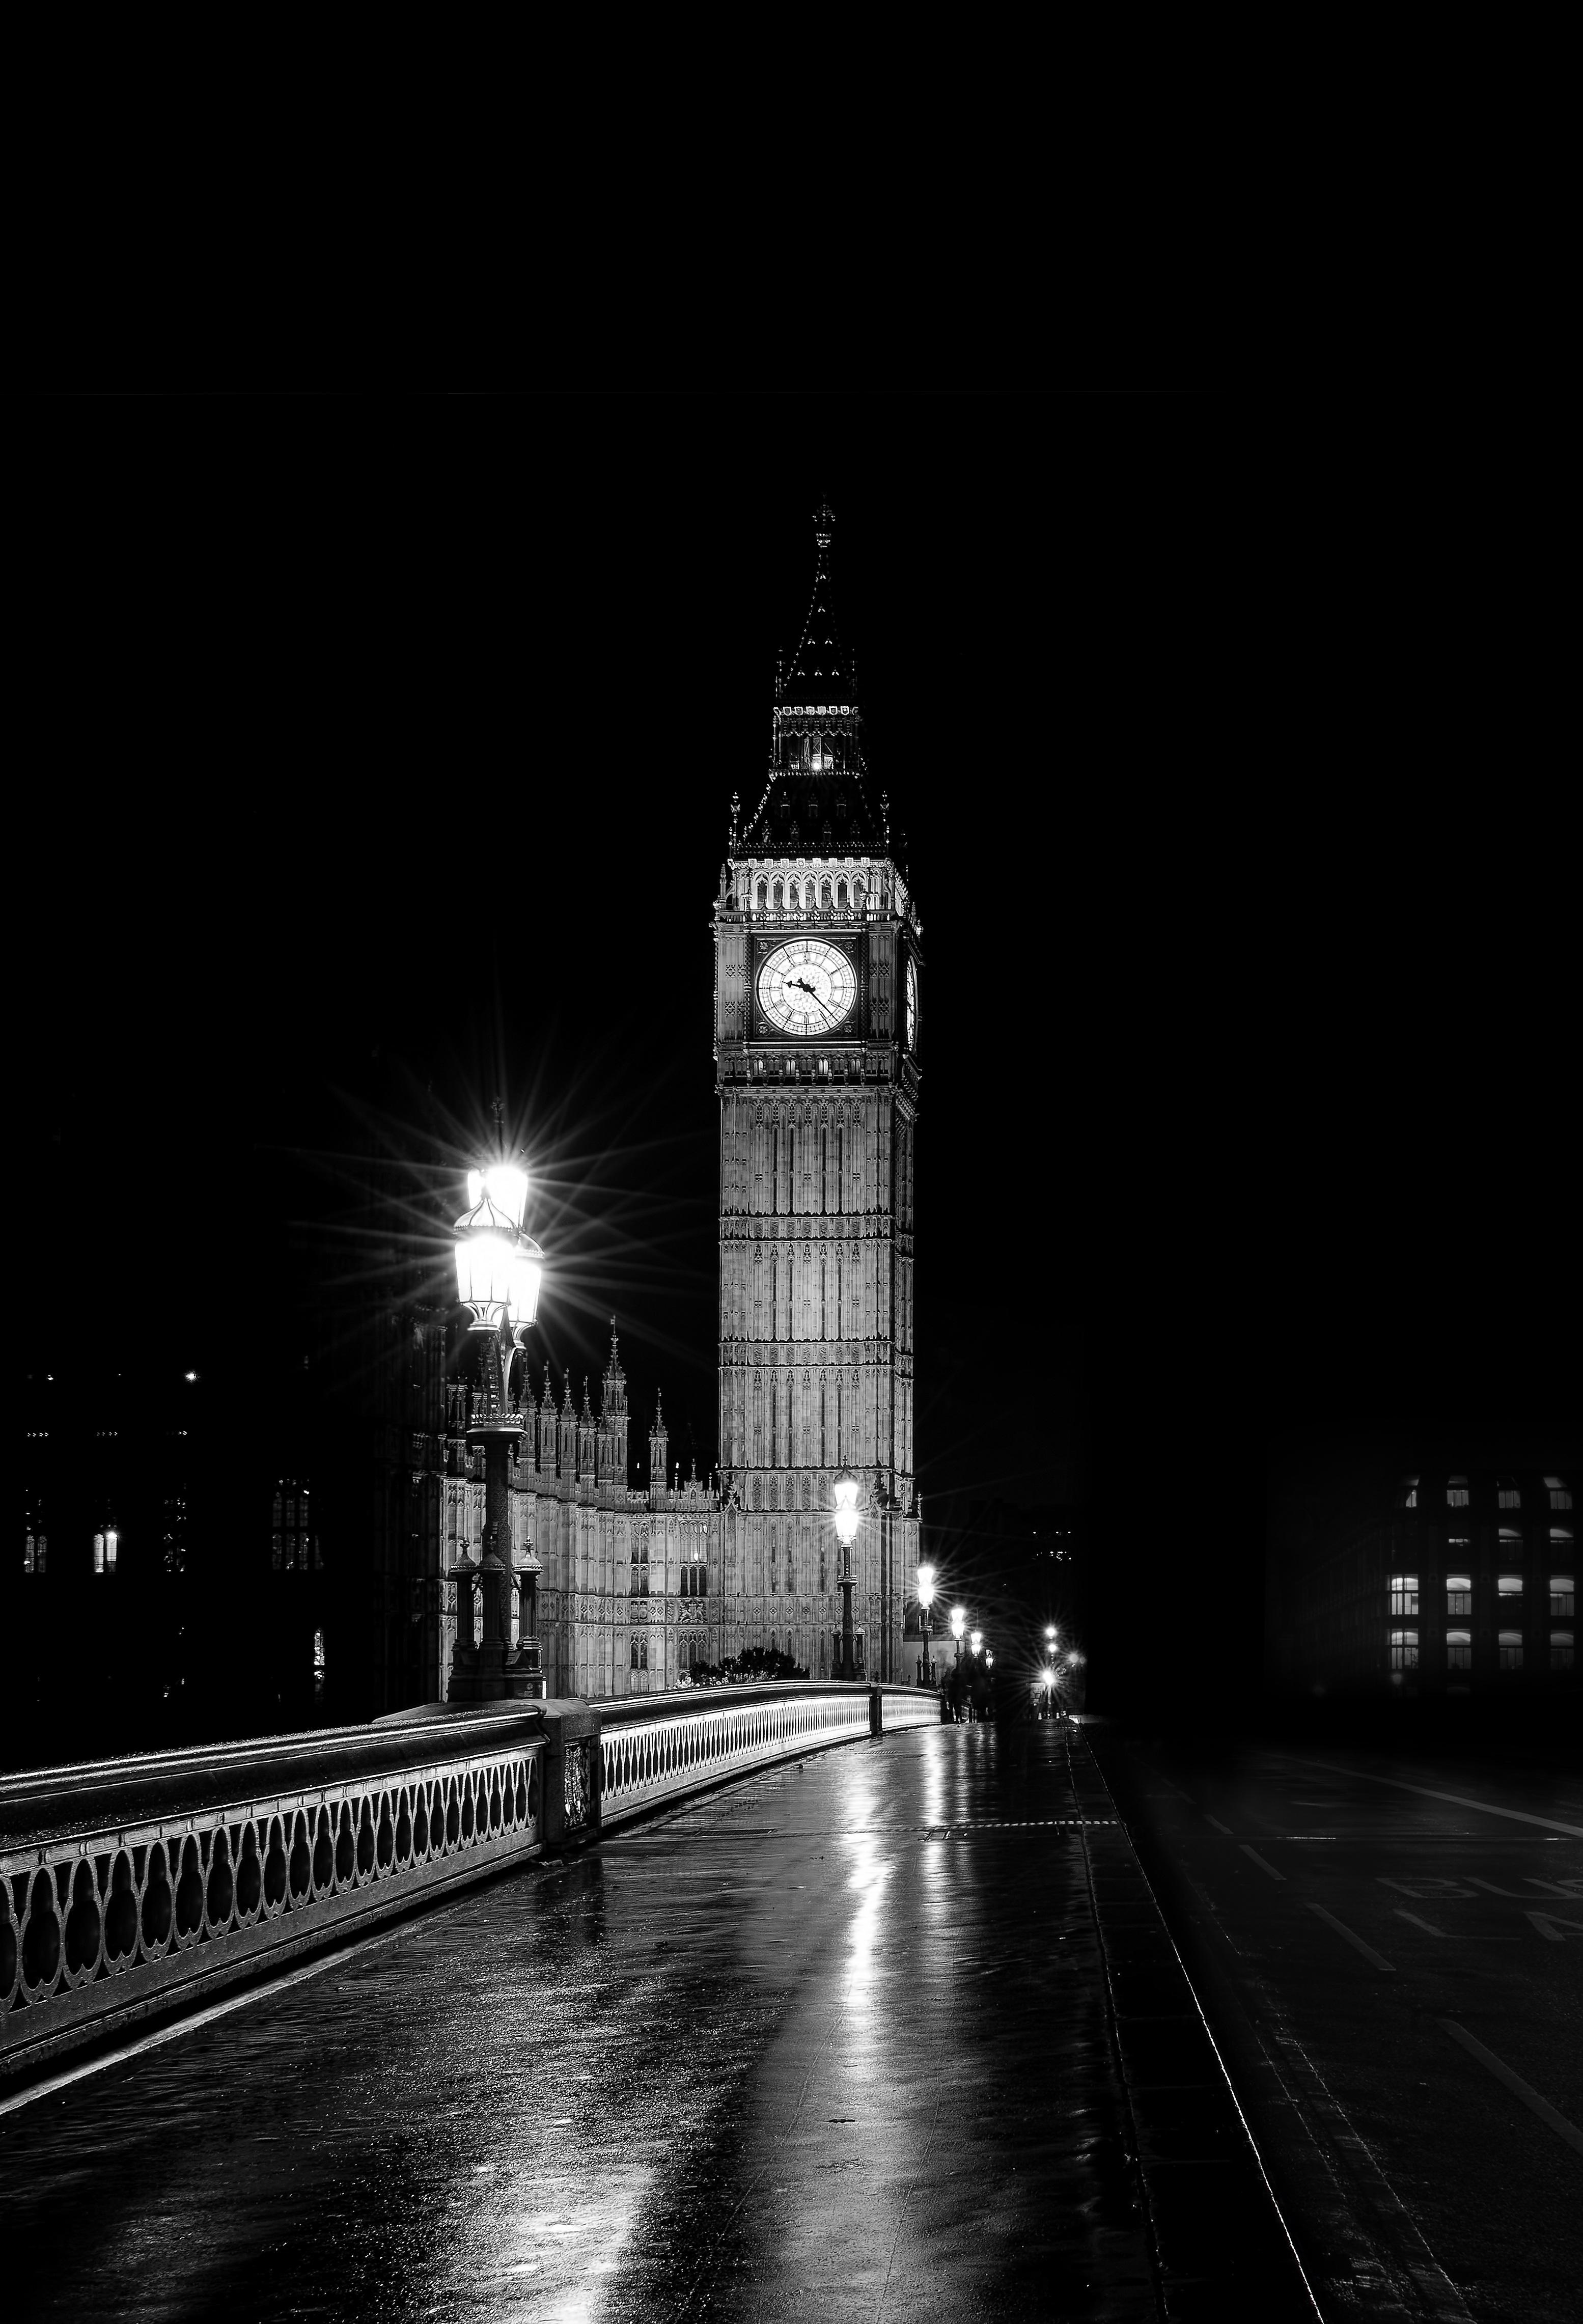 architecture big ben black and white bridge